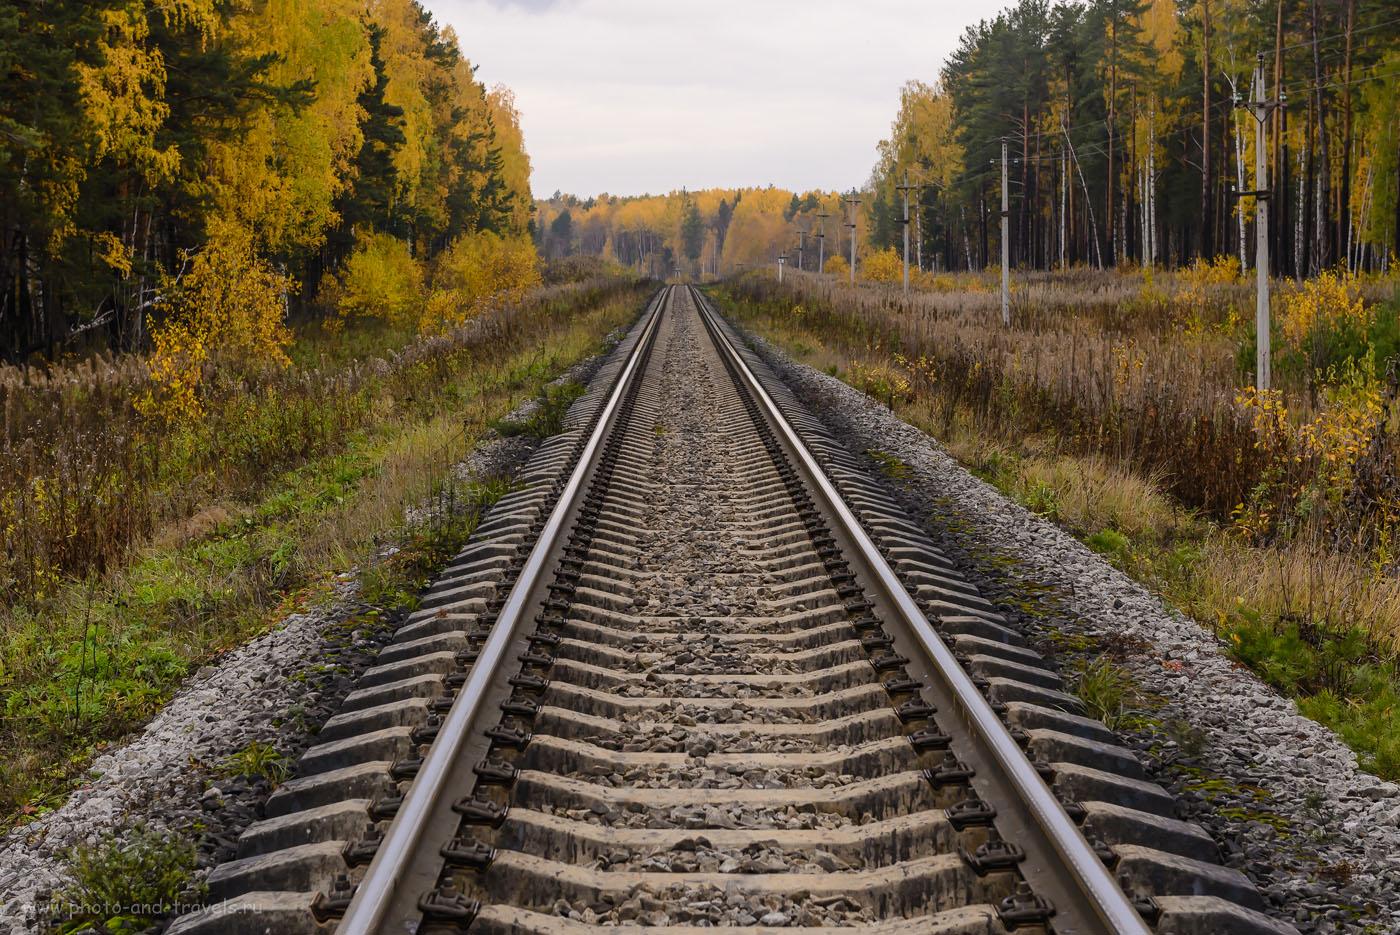 Фото 13. Участок железной дороги между станцией «Мраморская» и переездом на пути в мраморный карьер. 1/160, -1.0, 8.0, 720, 62.